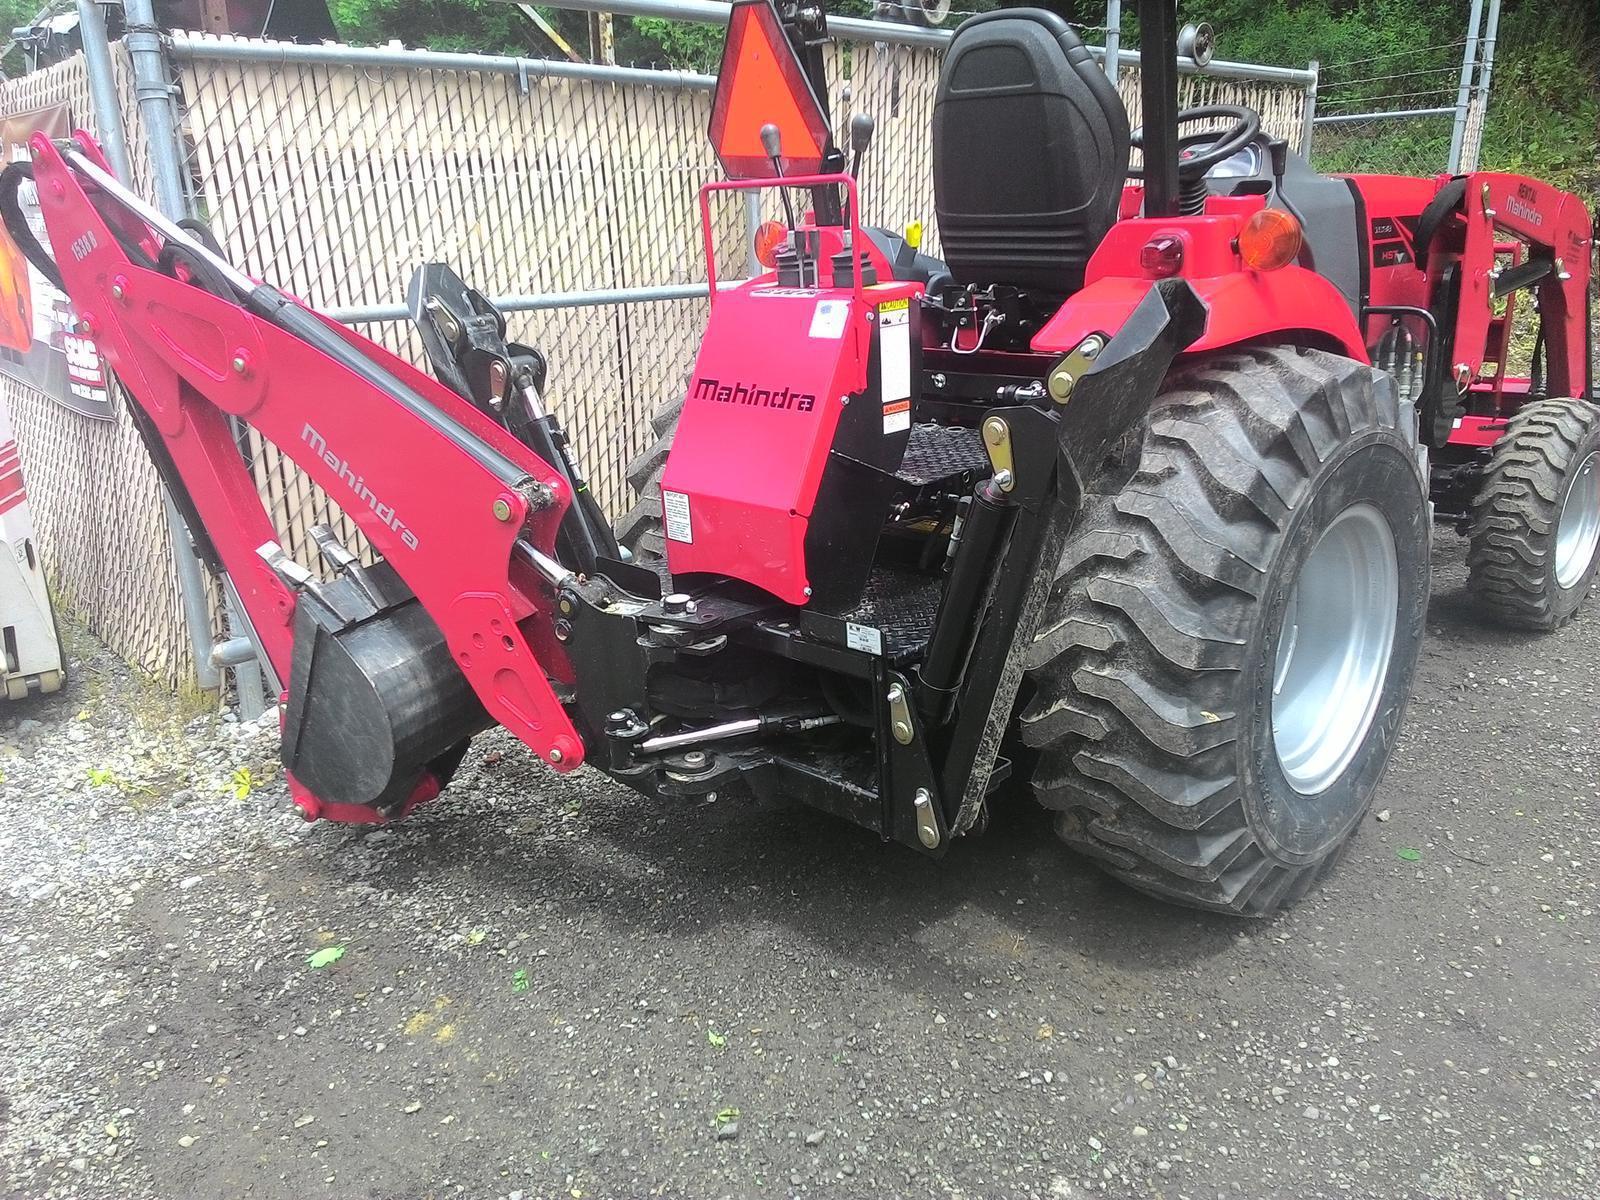 Mahindra 1538, Mahindra Tractor